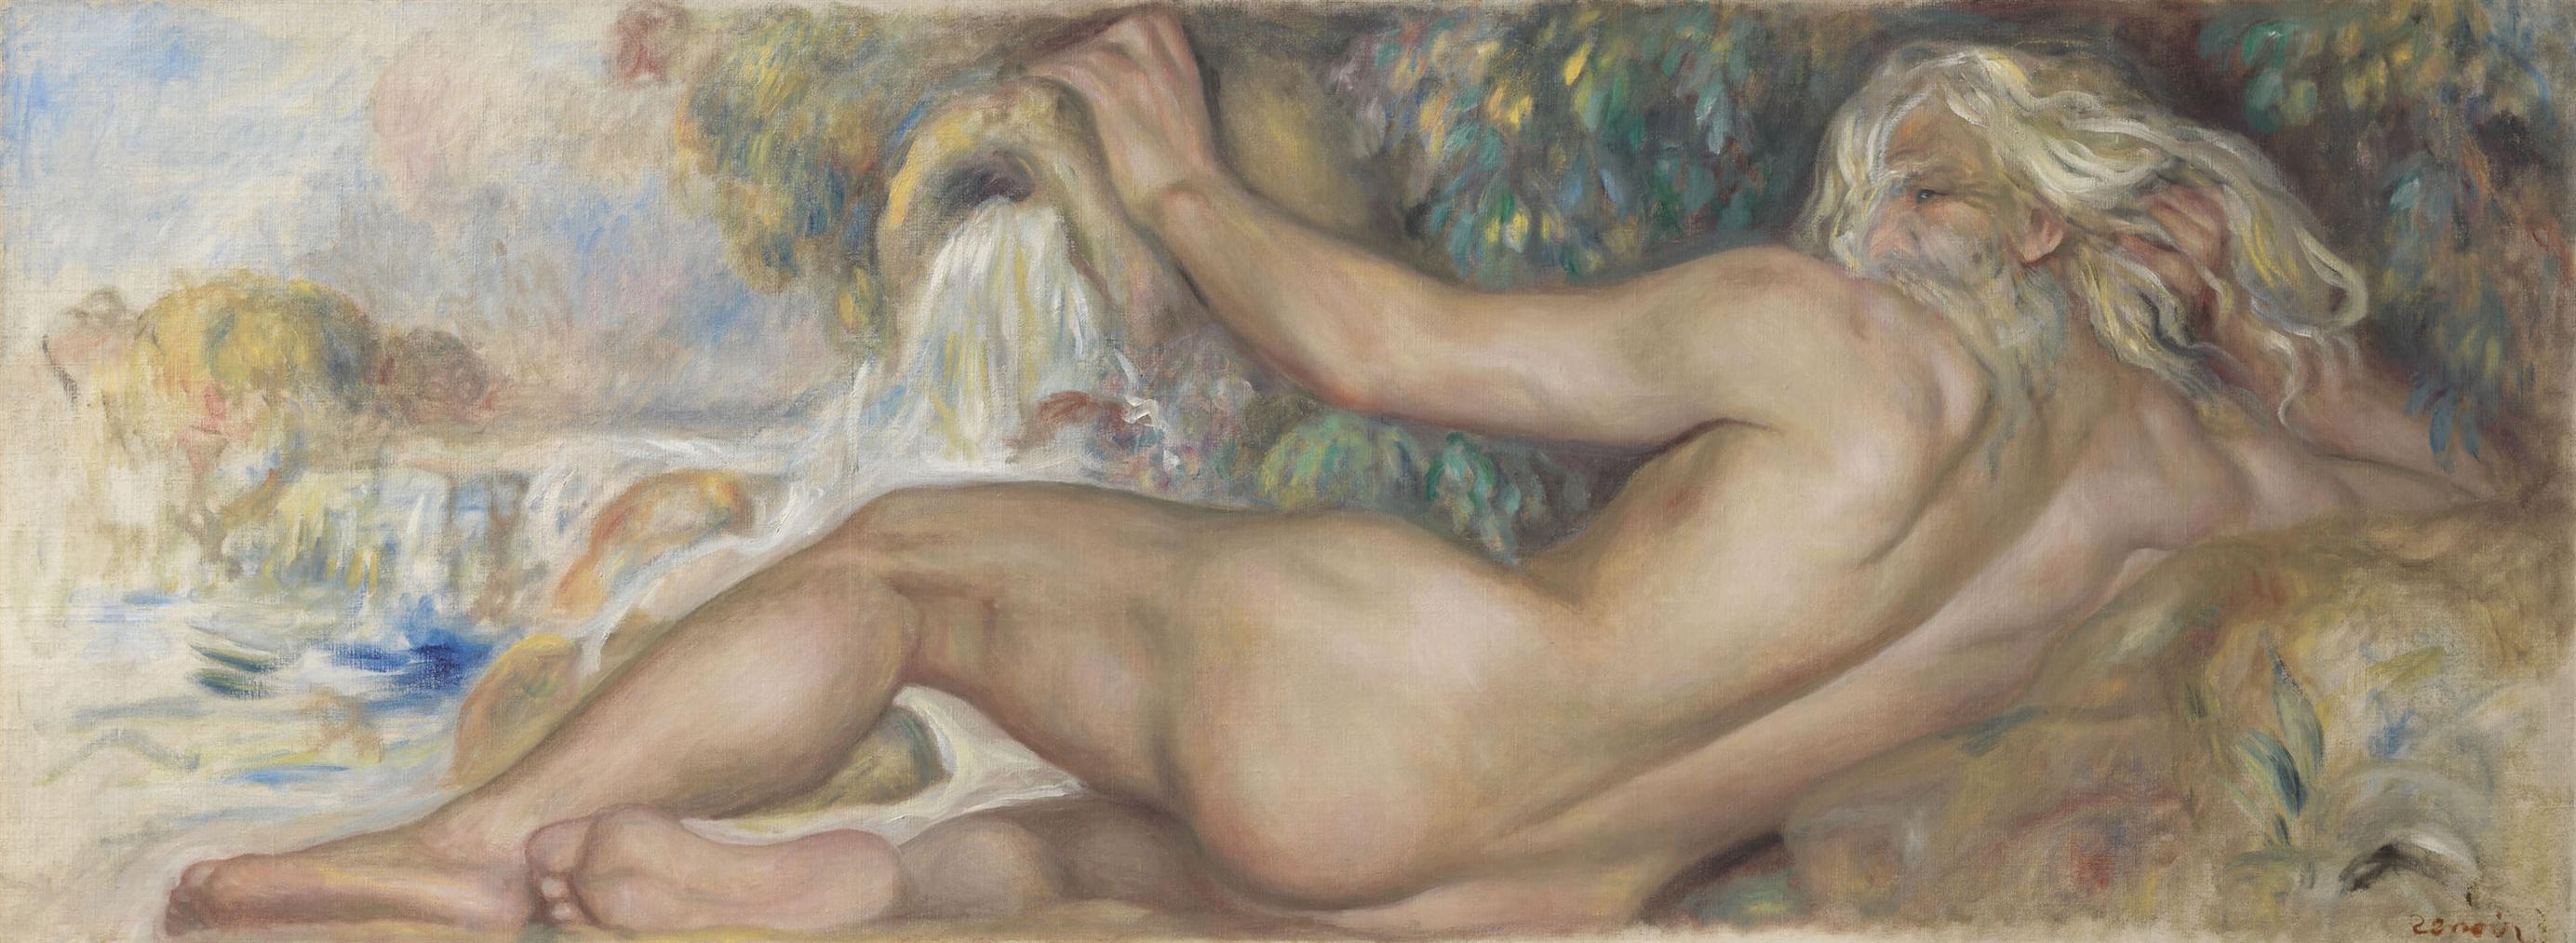 Pierre-Auguste Renoir-Nu Dans Un Paysage Or Le Fleuve-1885